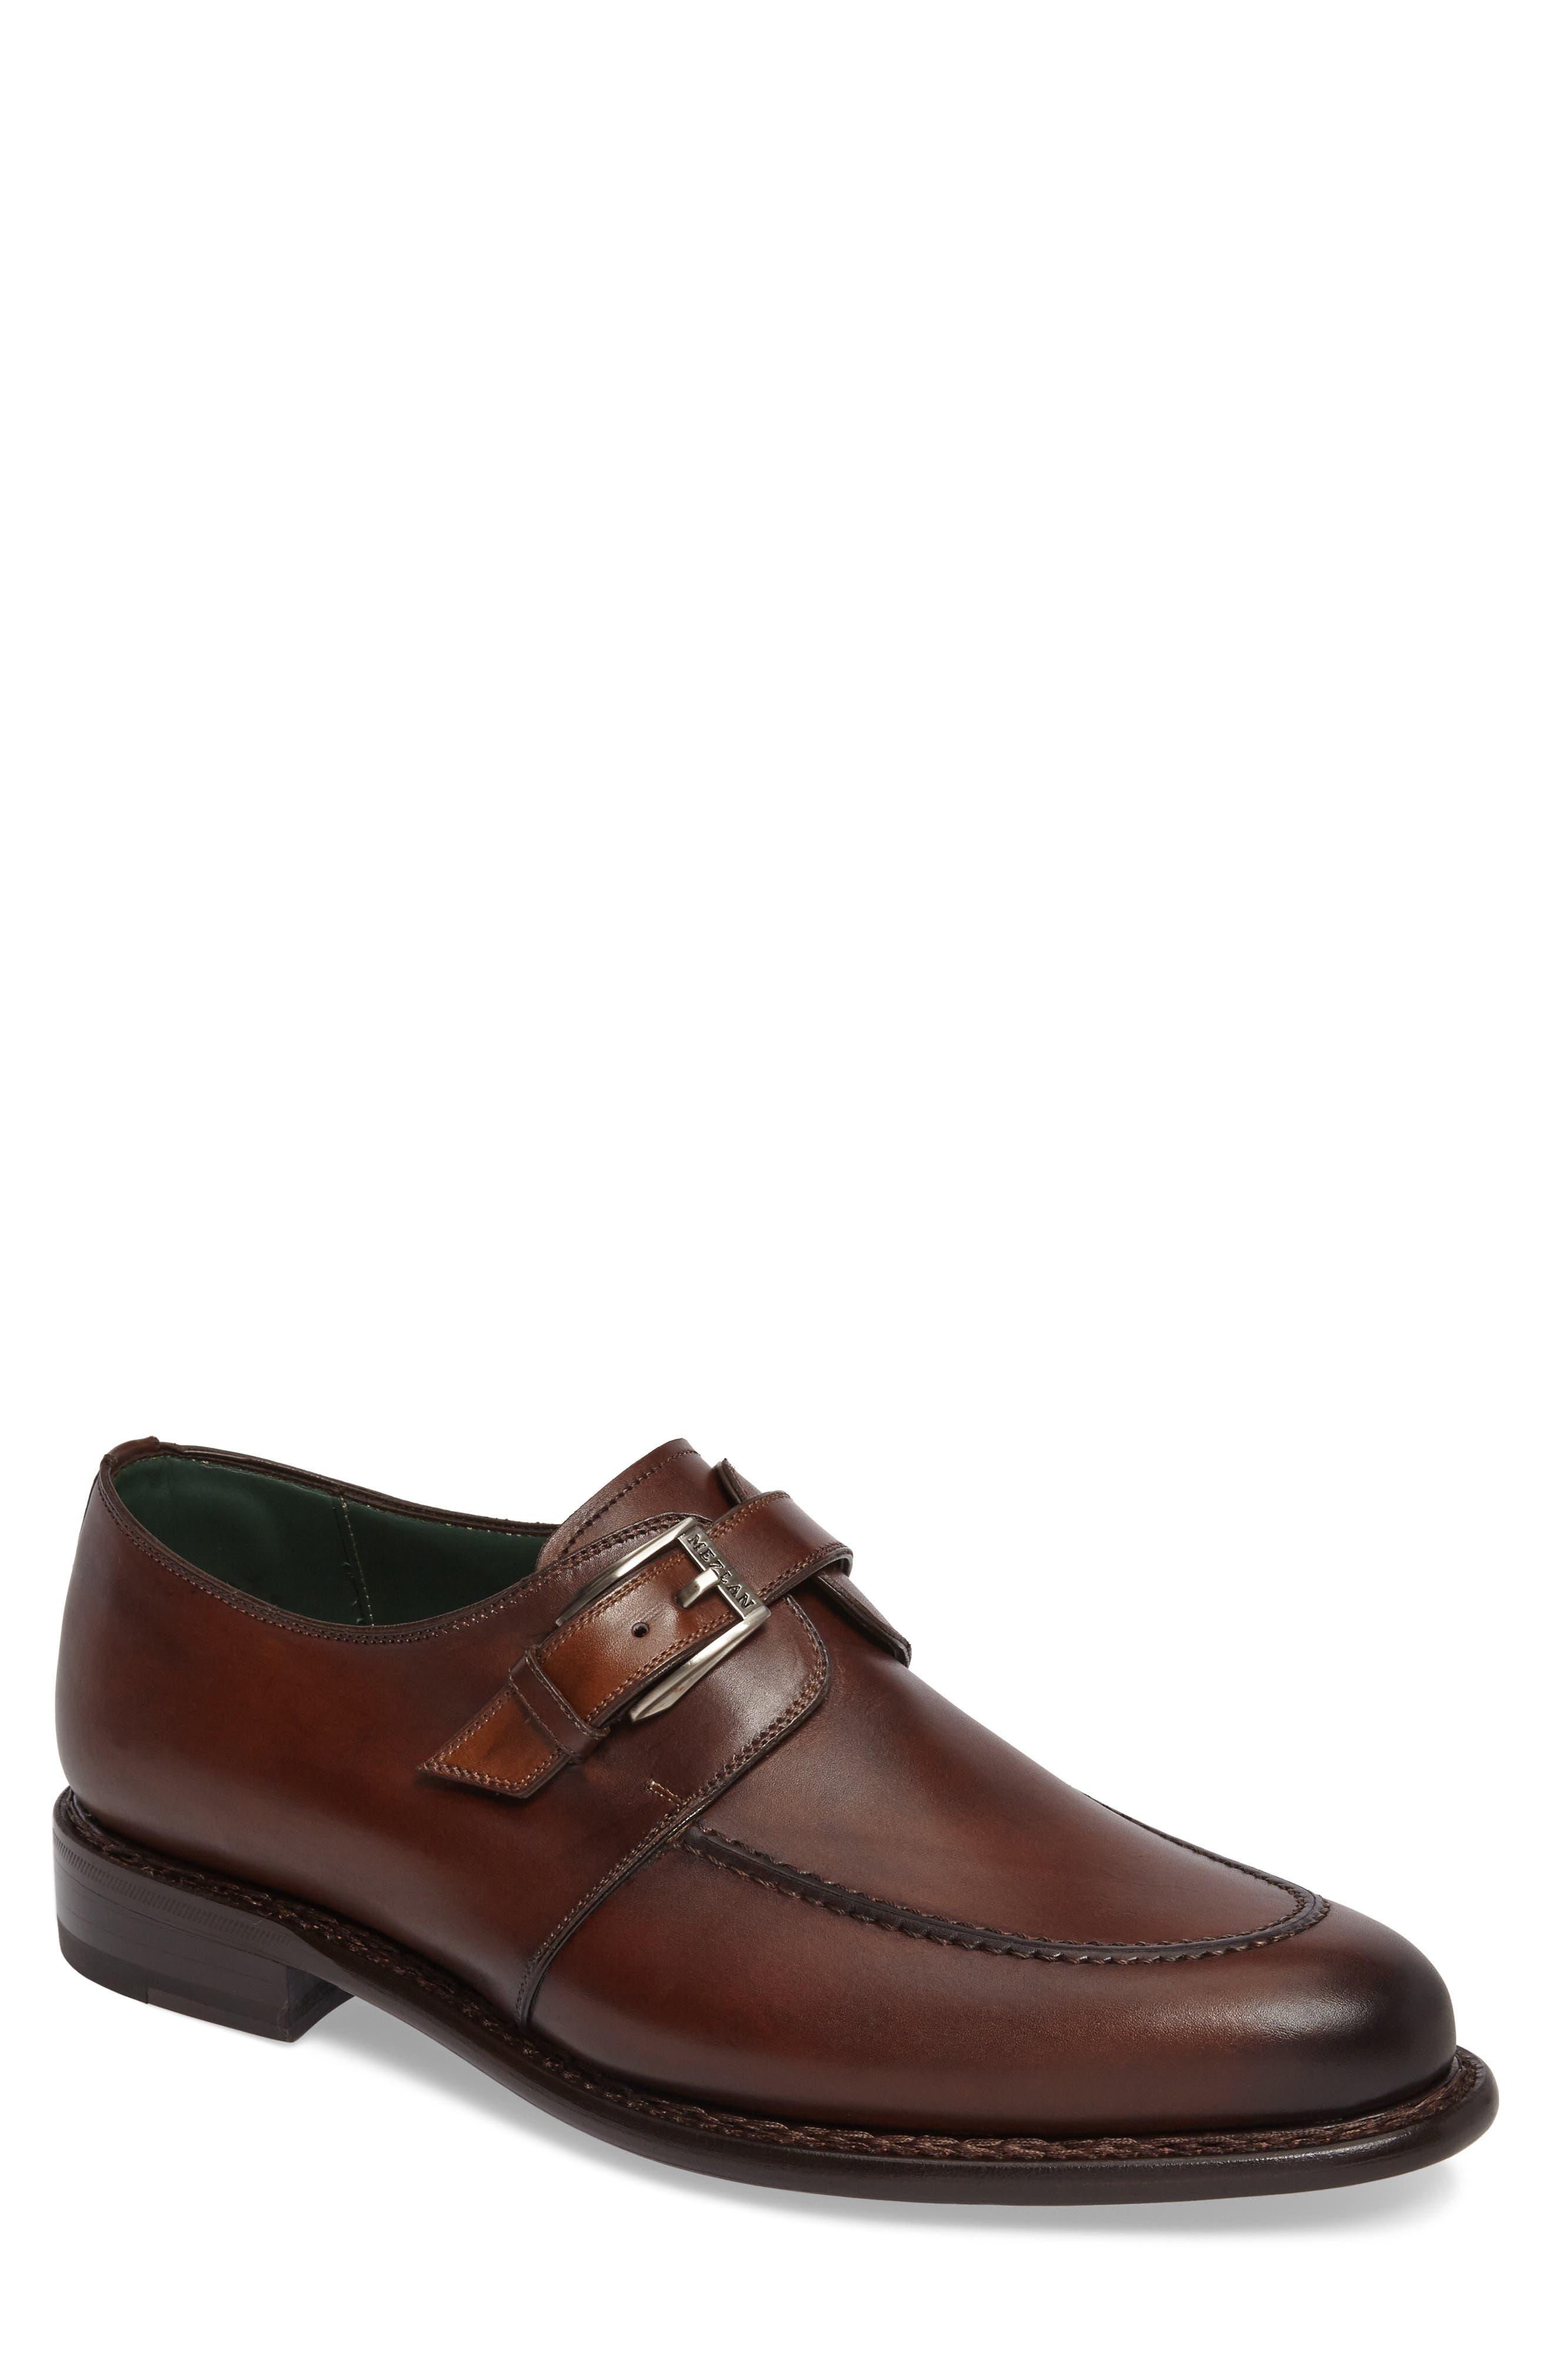 Aguilar Monk Strap Shoe,                         Main,                         color, Cognac Leather